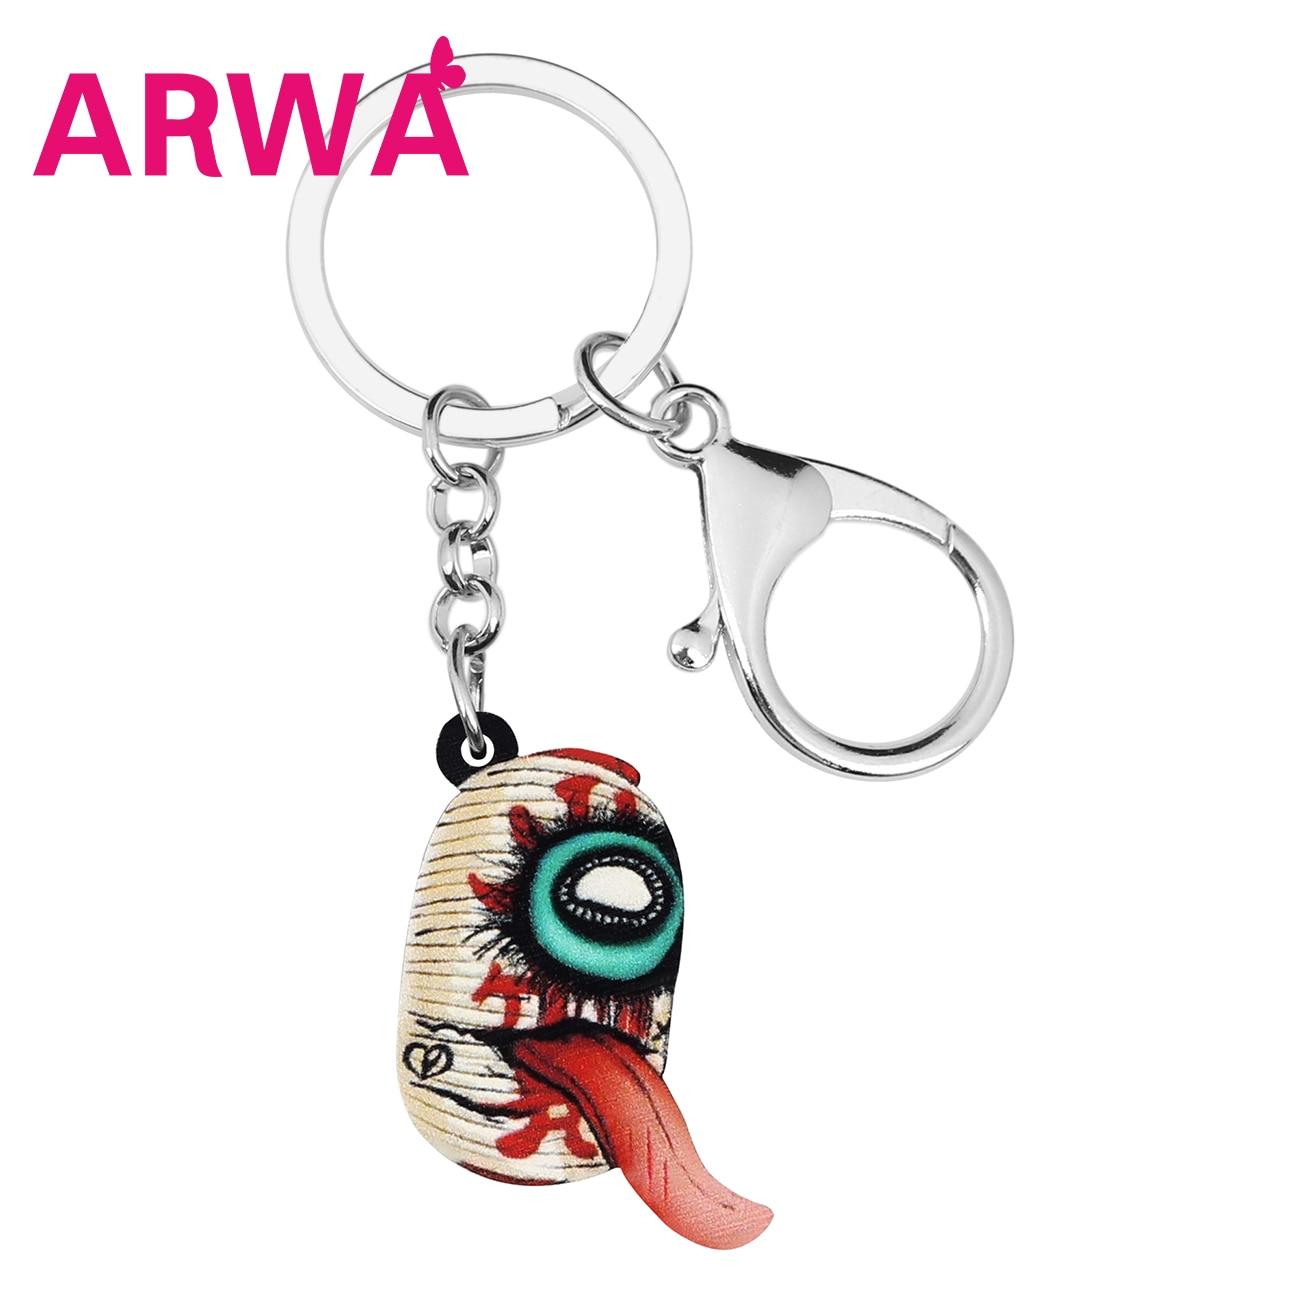 Bonsny acrílico Halloween Horror ojo linterna lengua llaveros anillos bolsa coche cartera decoración llavero mujer chica regalo accesorio